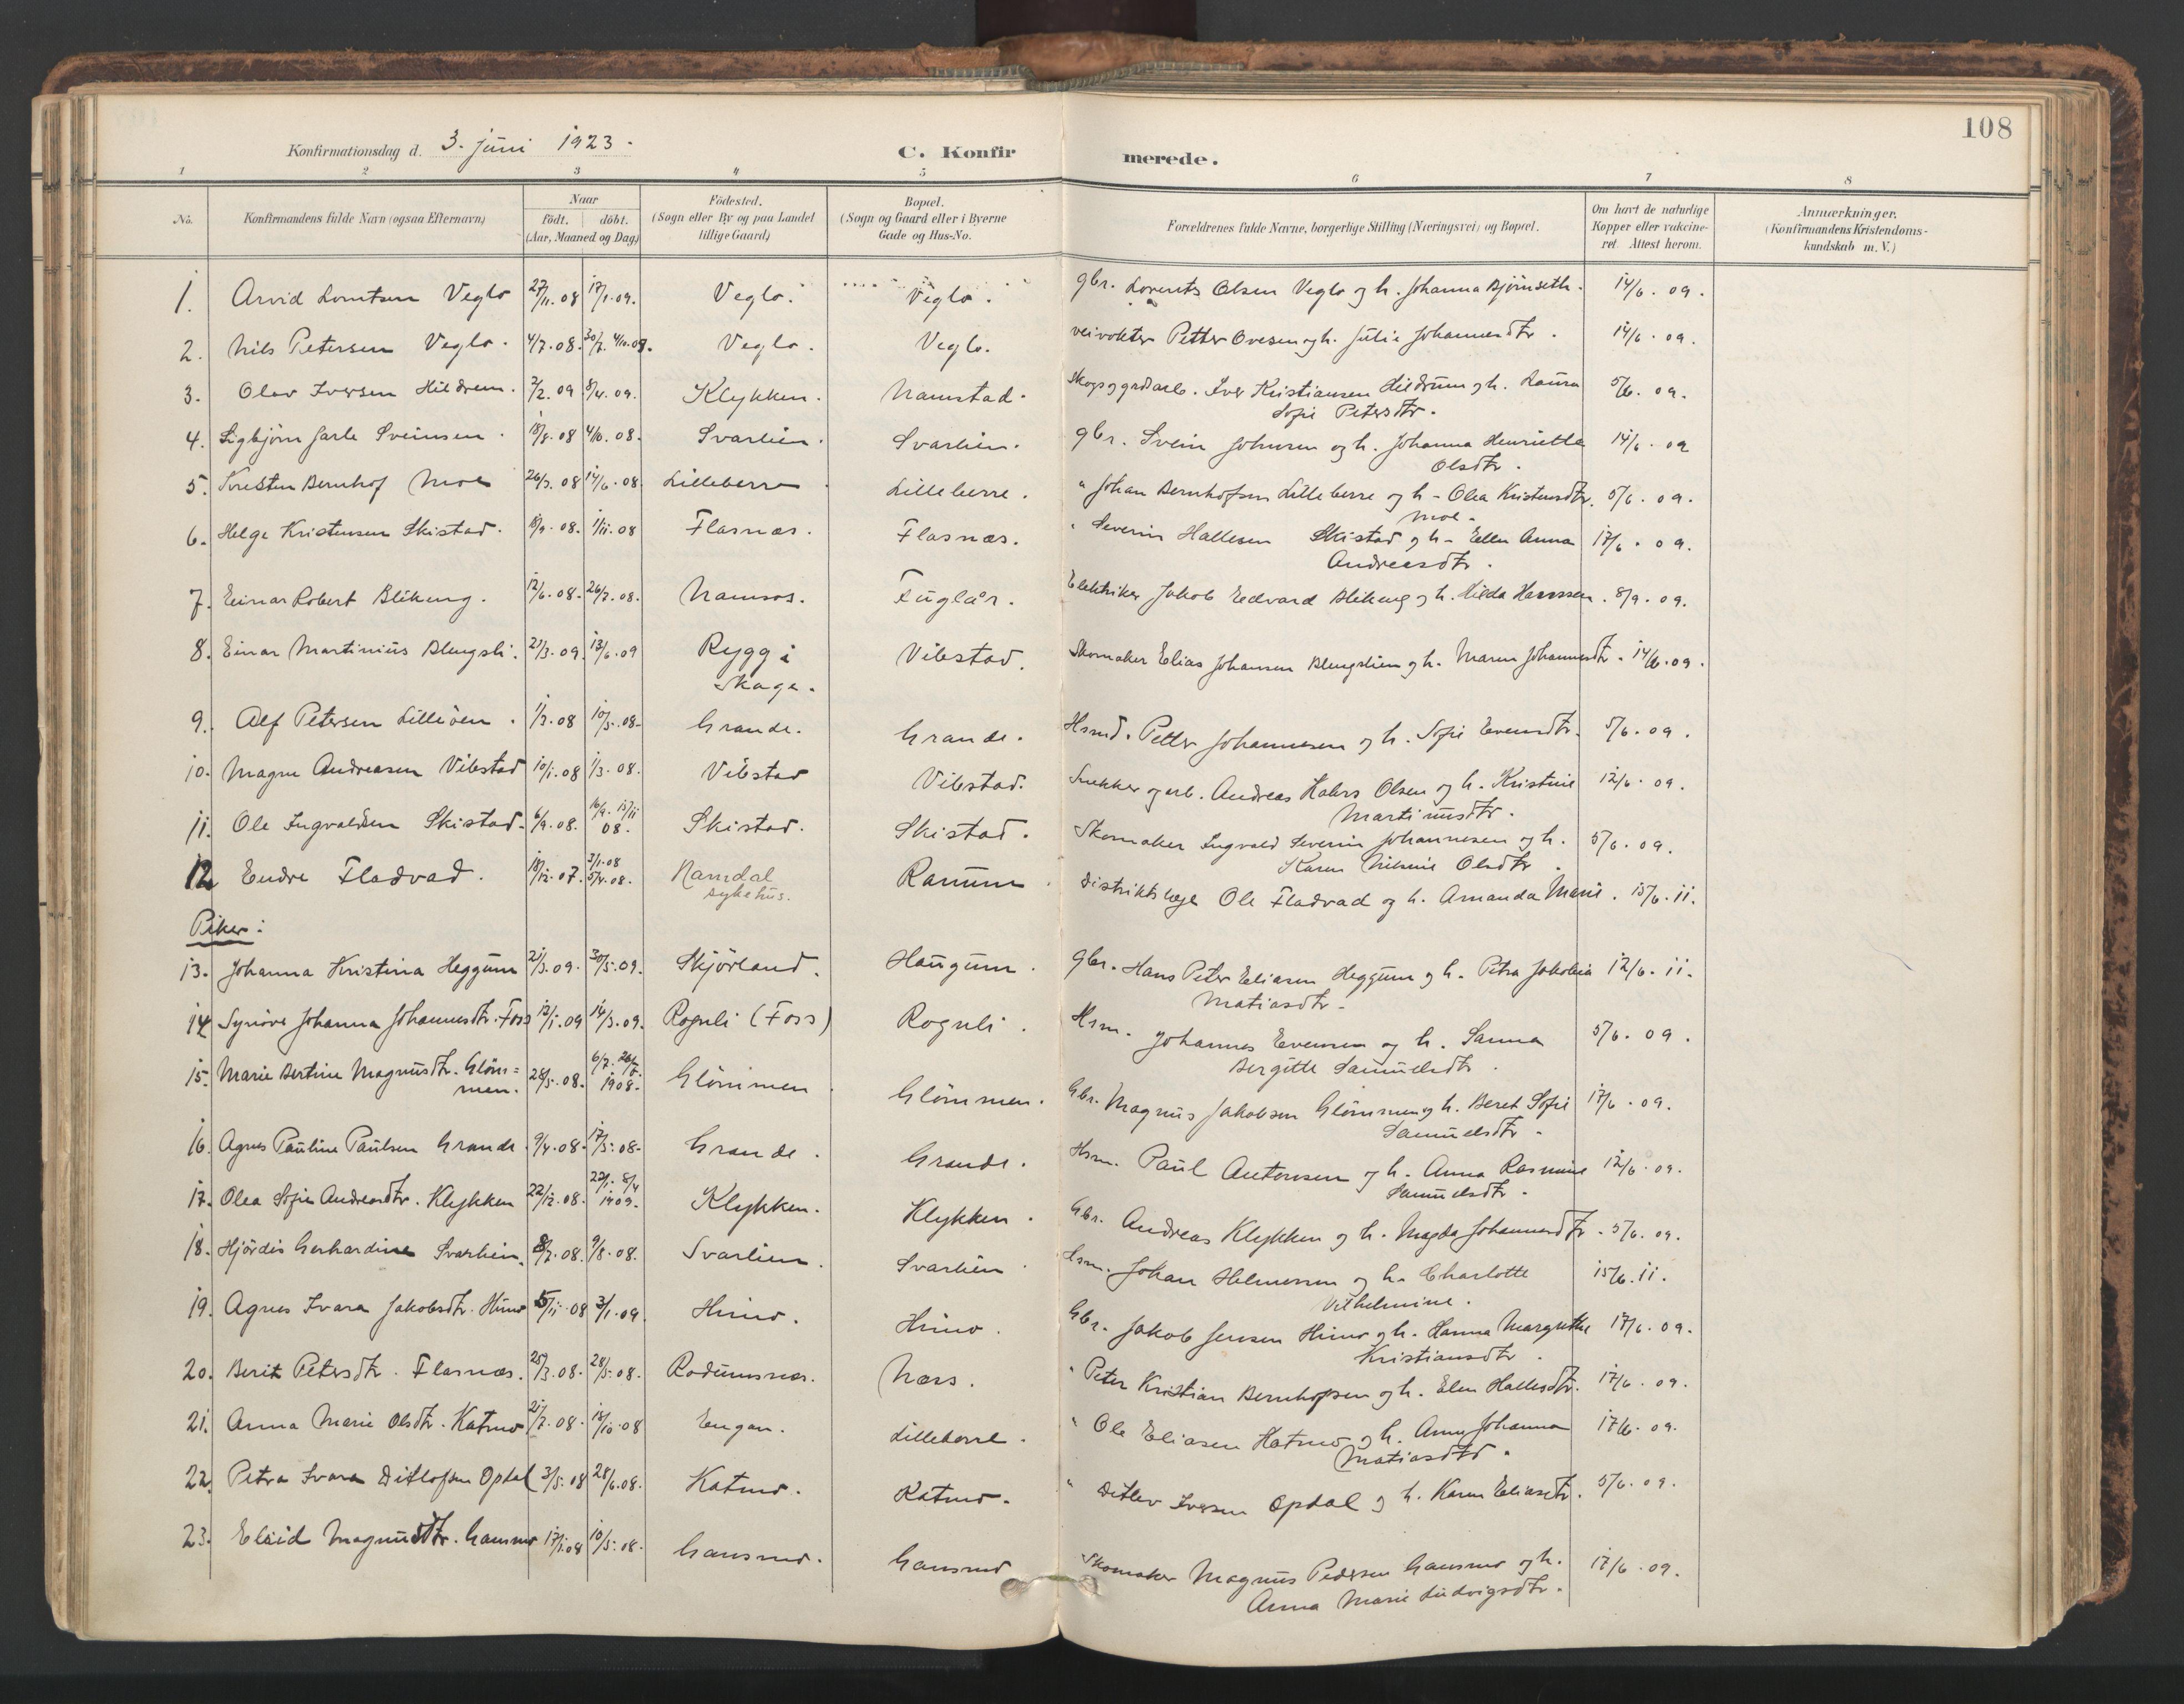 SAT, Ministerialprotokoller, klokkerbøker og fødselsregistre - Nord-Trøndelag, 764/L0556: Ministerialbok nr. 764A11, 1897-1924, s. 108